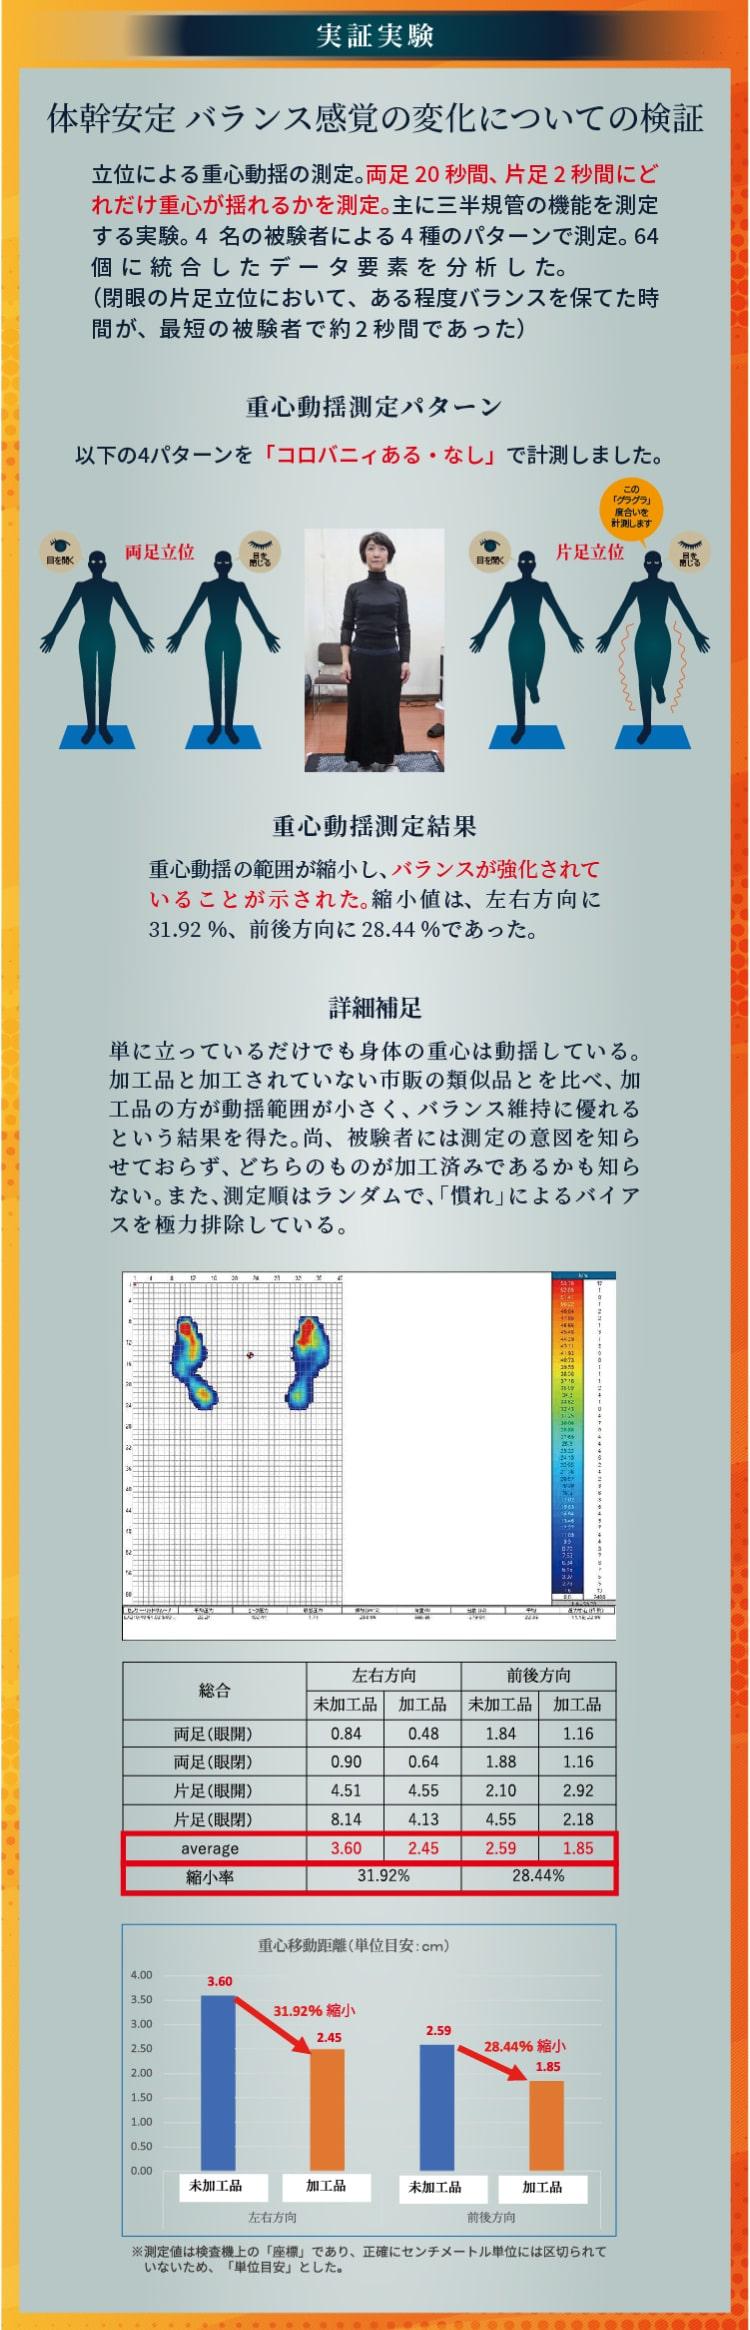 実証実験 体幹安定 バランス感覚の変化についての検証 立位による重心動揺の測定。両足20 秒間、片足 2 秒間にどれだけ重心が揺れるかを測定。主に三半規管の機能を測定する実験。 4名の被験者による 4 種のパターンで測定。 64 個に統合したデータ要素を分析した。(閉眼の片足立位において、ある程度バランスを保てた時間が、最短の被験者で約 2 秒間であった) 重心動揺測定パターン 以下の4パターンを「コロバニィある・なし」で計測しました。 重心動揺測定結果 重心動揺の範囲が縮小し、バランスが強化されていることが示された。縮小値は、左右方向に 31.92 %、前後方向に 28.44 %であった。 詳細補足 単に立っているだけでも身体の重心は動揺している。加工品と加工されていない市販の類似品とを比べ、加工品の方が動揺範囲が小さく、バランス維持に優れるという結果を得た。尚、被験者には測定の意図を知らせておらず、どちらのものが加工済みであるかも知らない。また、測定順はランダムで、「慣れ」によるバイアスを極力排除している。